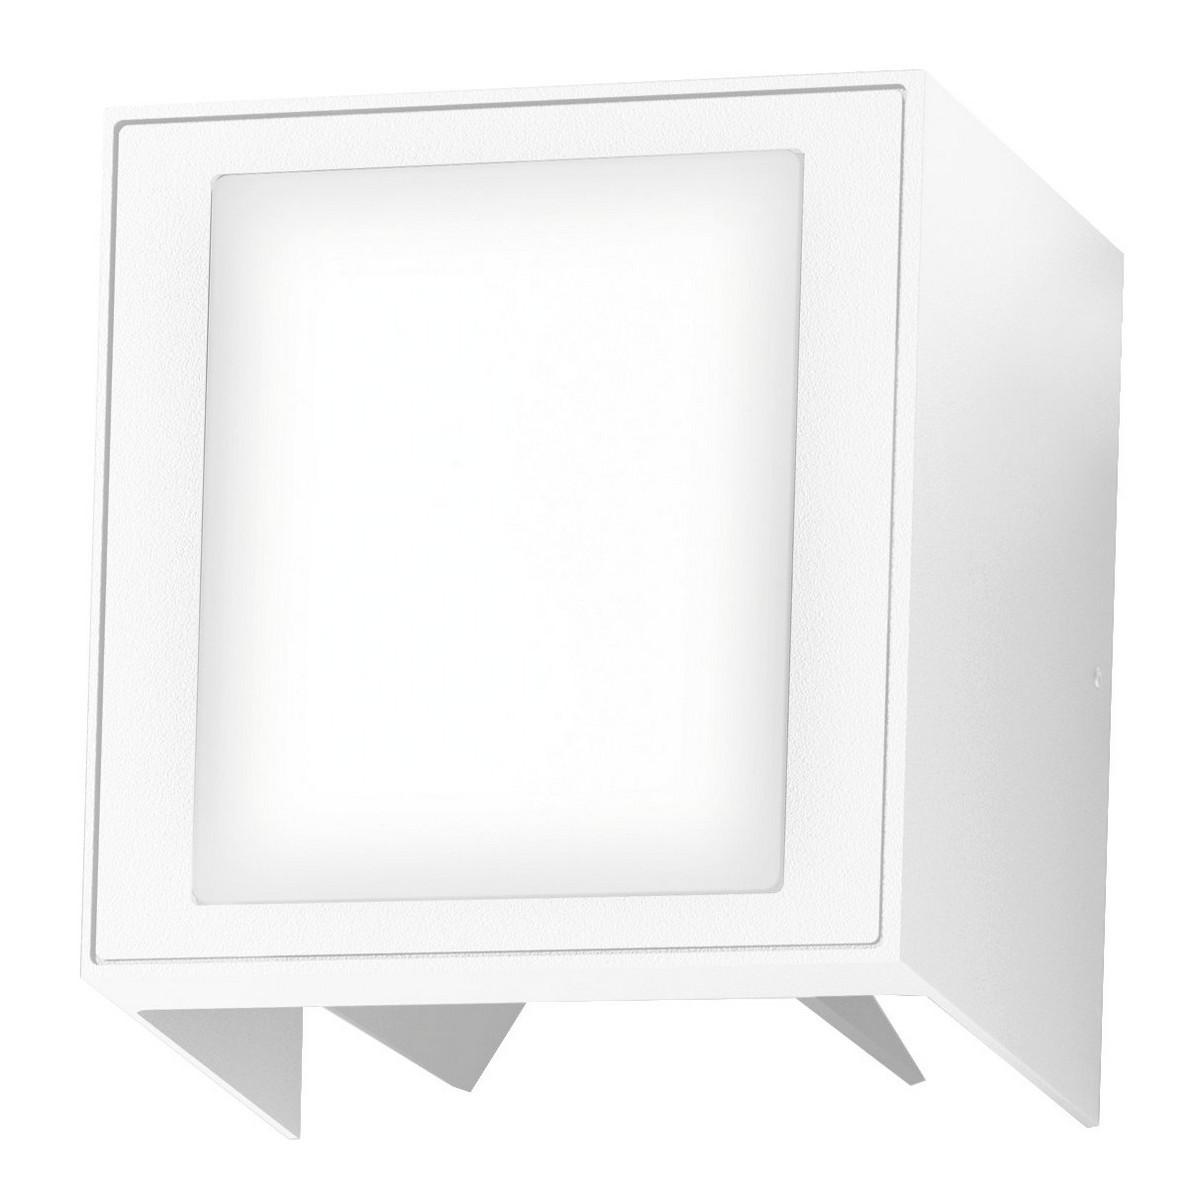 LED Außenwandleuchte Plaza 9W weiß Lichtaustritt verstellbar IP54